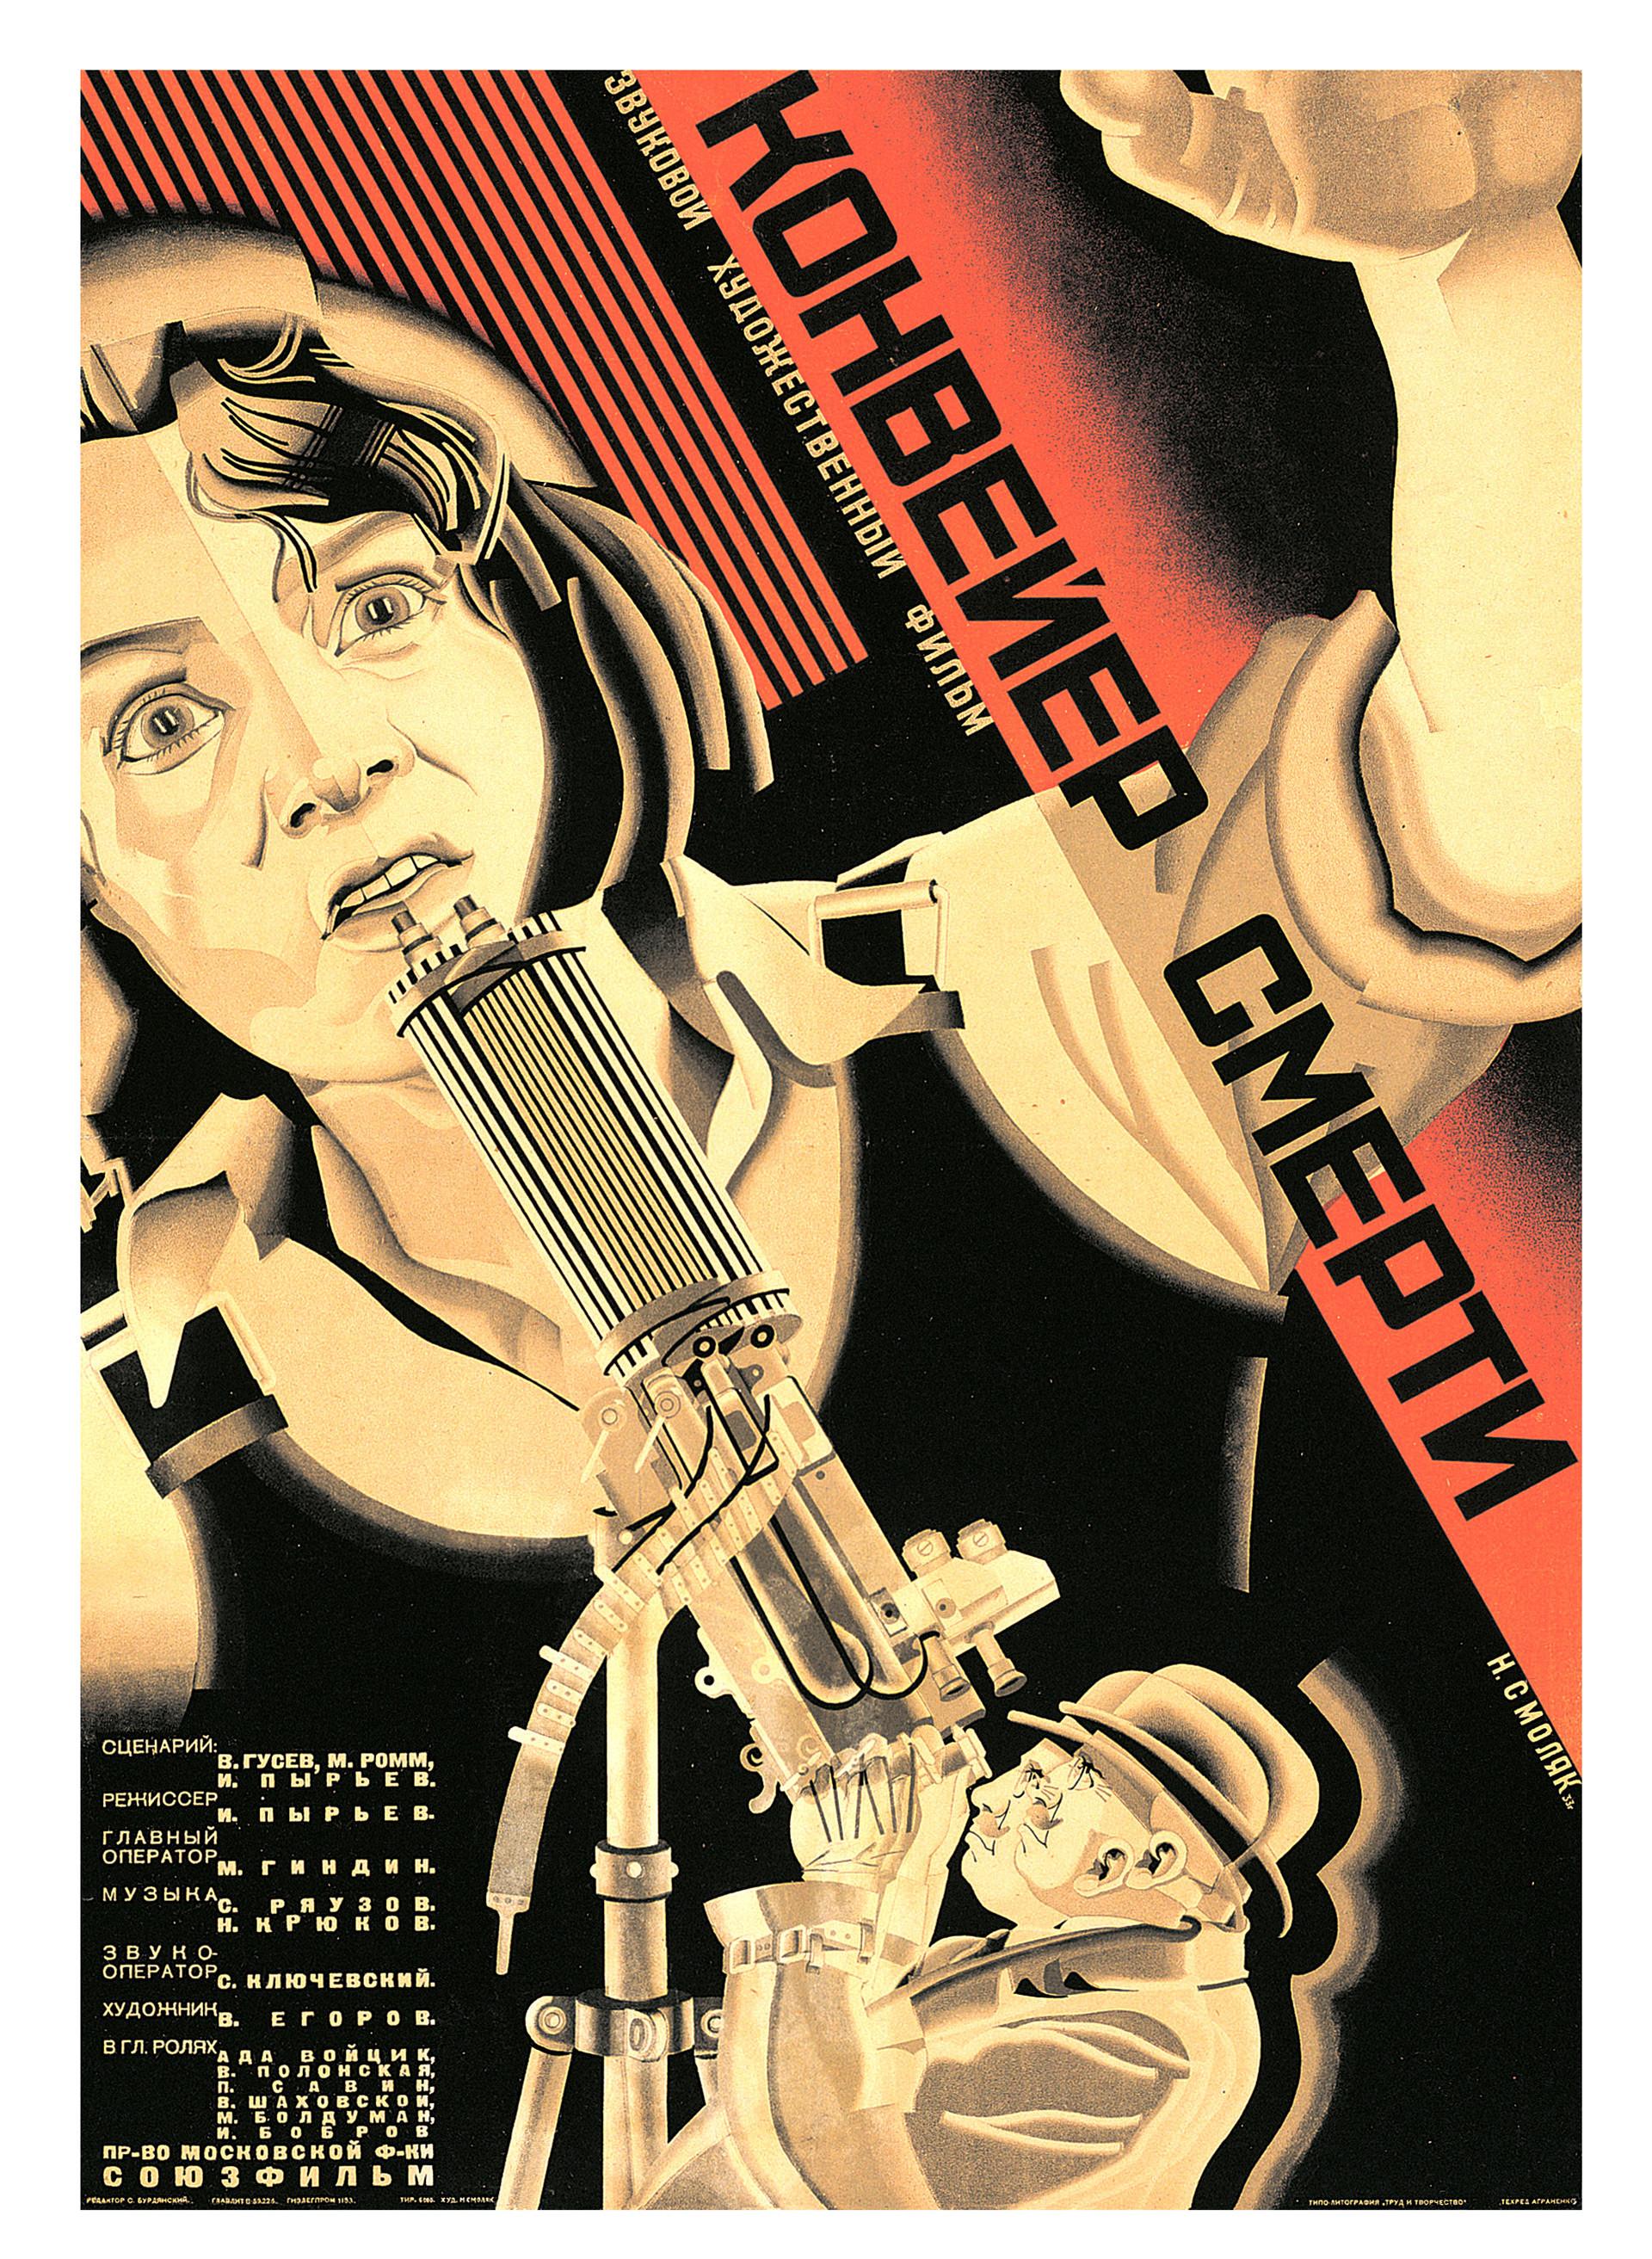 Smoliakovski, cartaz do filme 'Konveier smerti', 1933